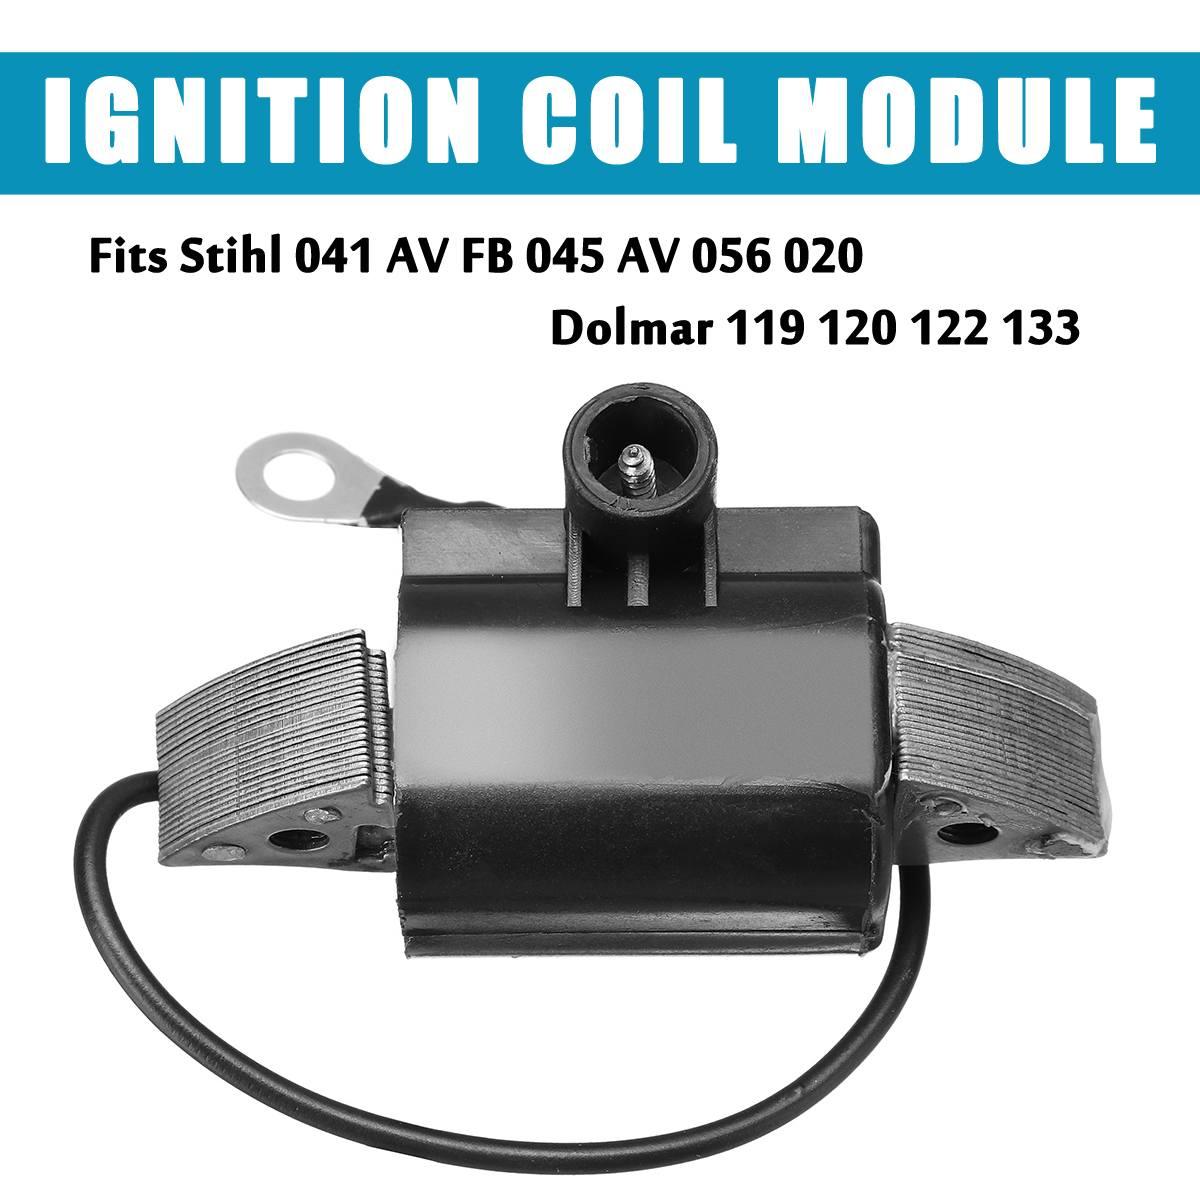 Zündchip adecuado para 045 still 056 Av ignition coil